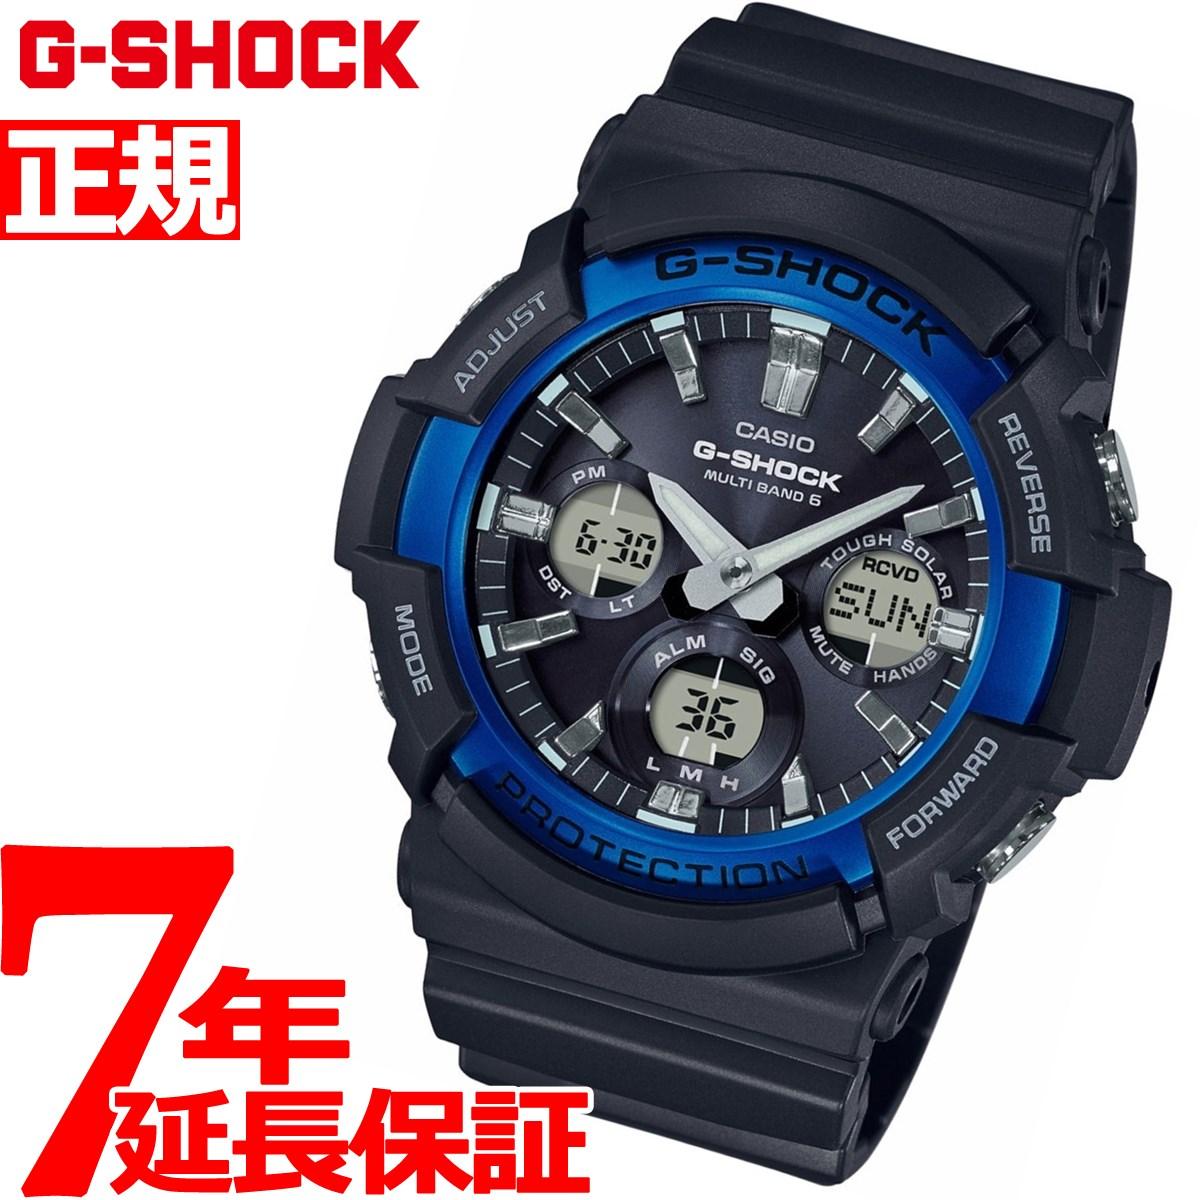 カシオ Gショック CASIO G-SHOCK 電波 ソーラー 電波時計 腕時計 メンズ タフソーラー GAW-100B-1A2JF【2017 新作】【あす楽対応】【即納可】